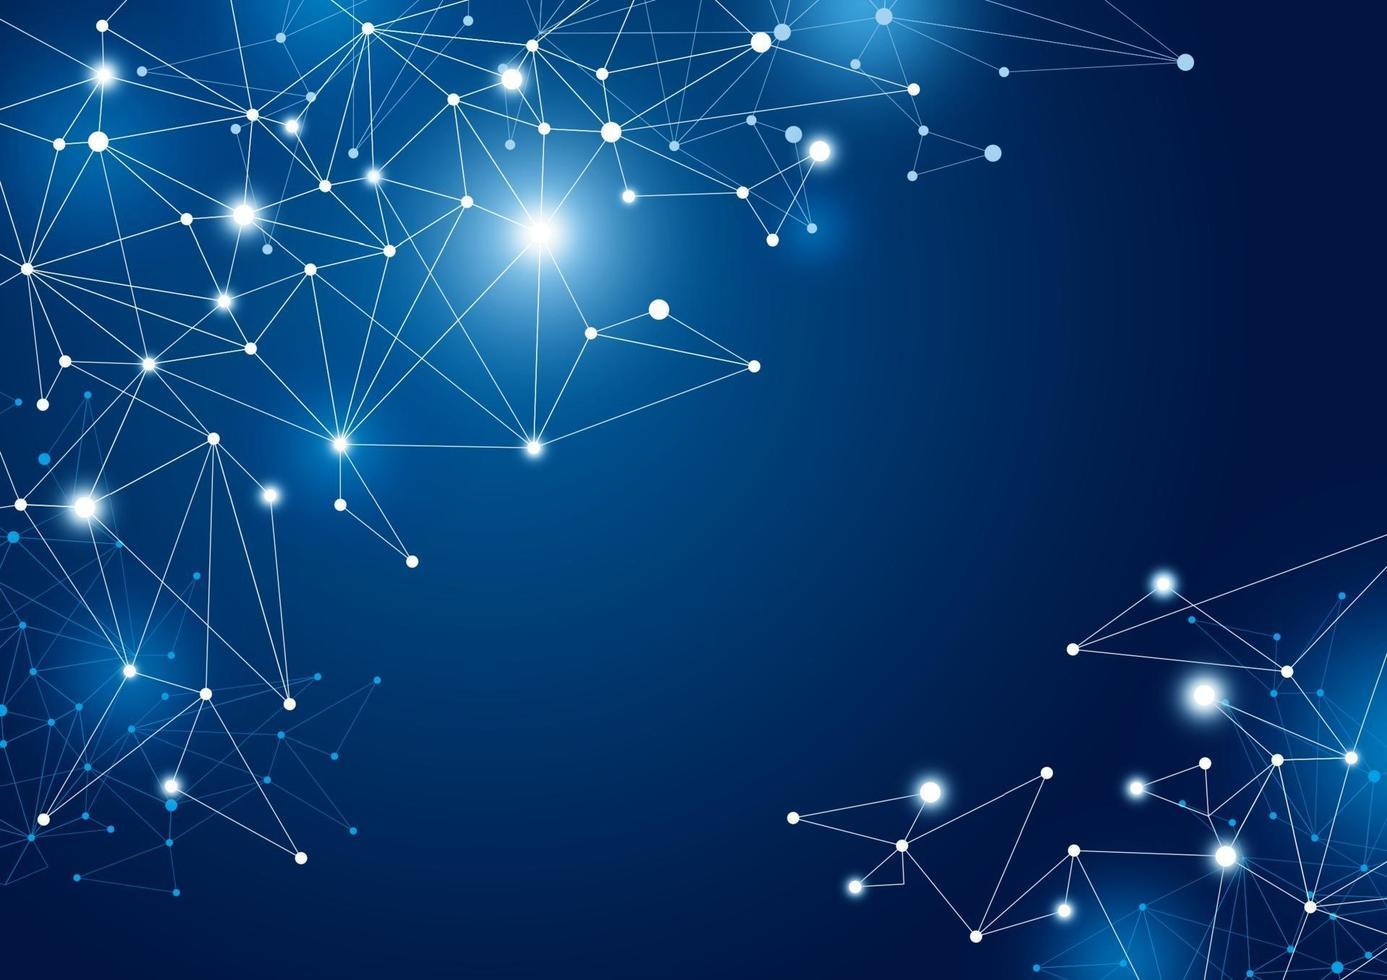 illustration vectorielle de fond abstrait connexion réseau mondial vecteur